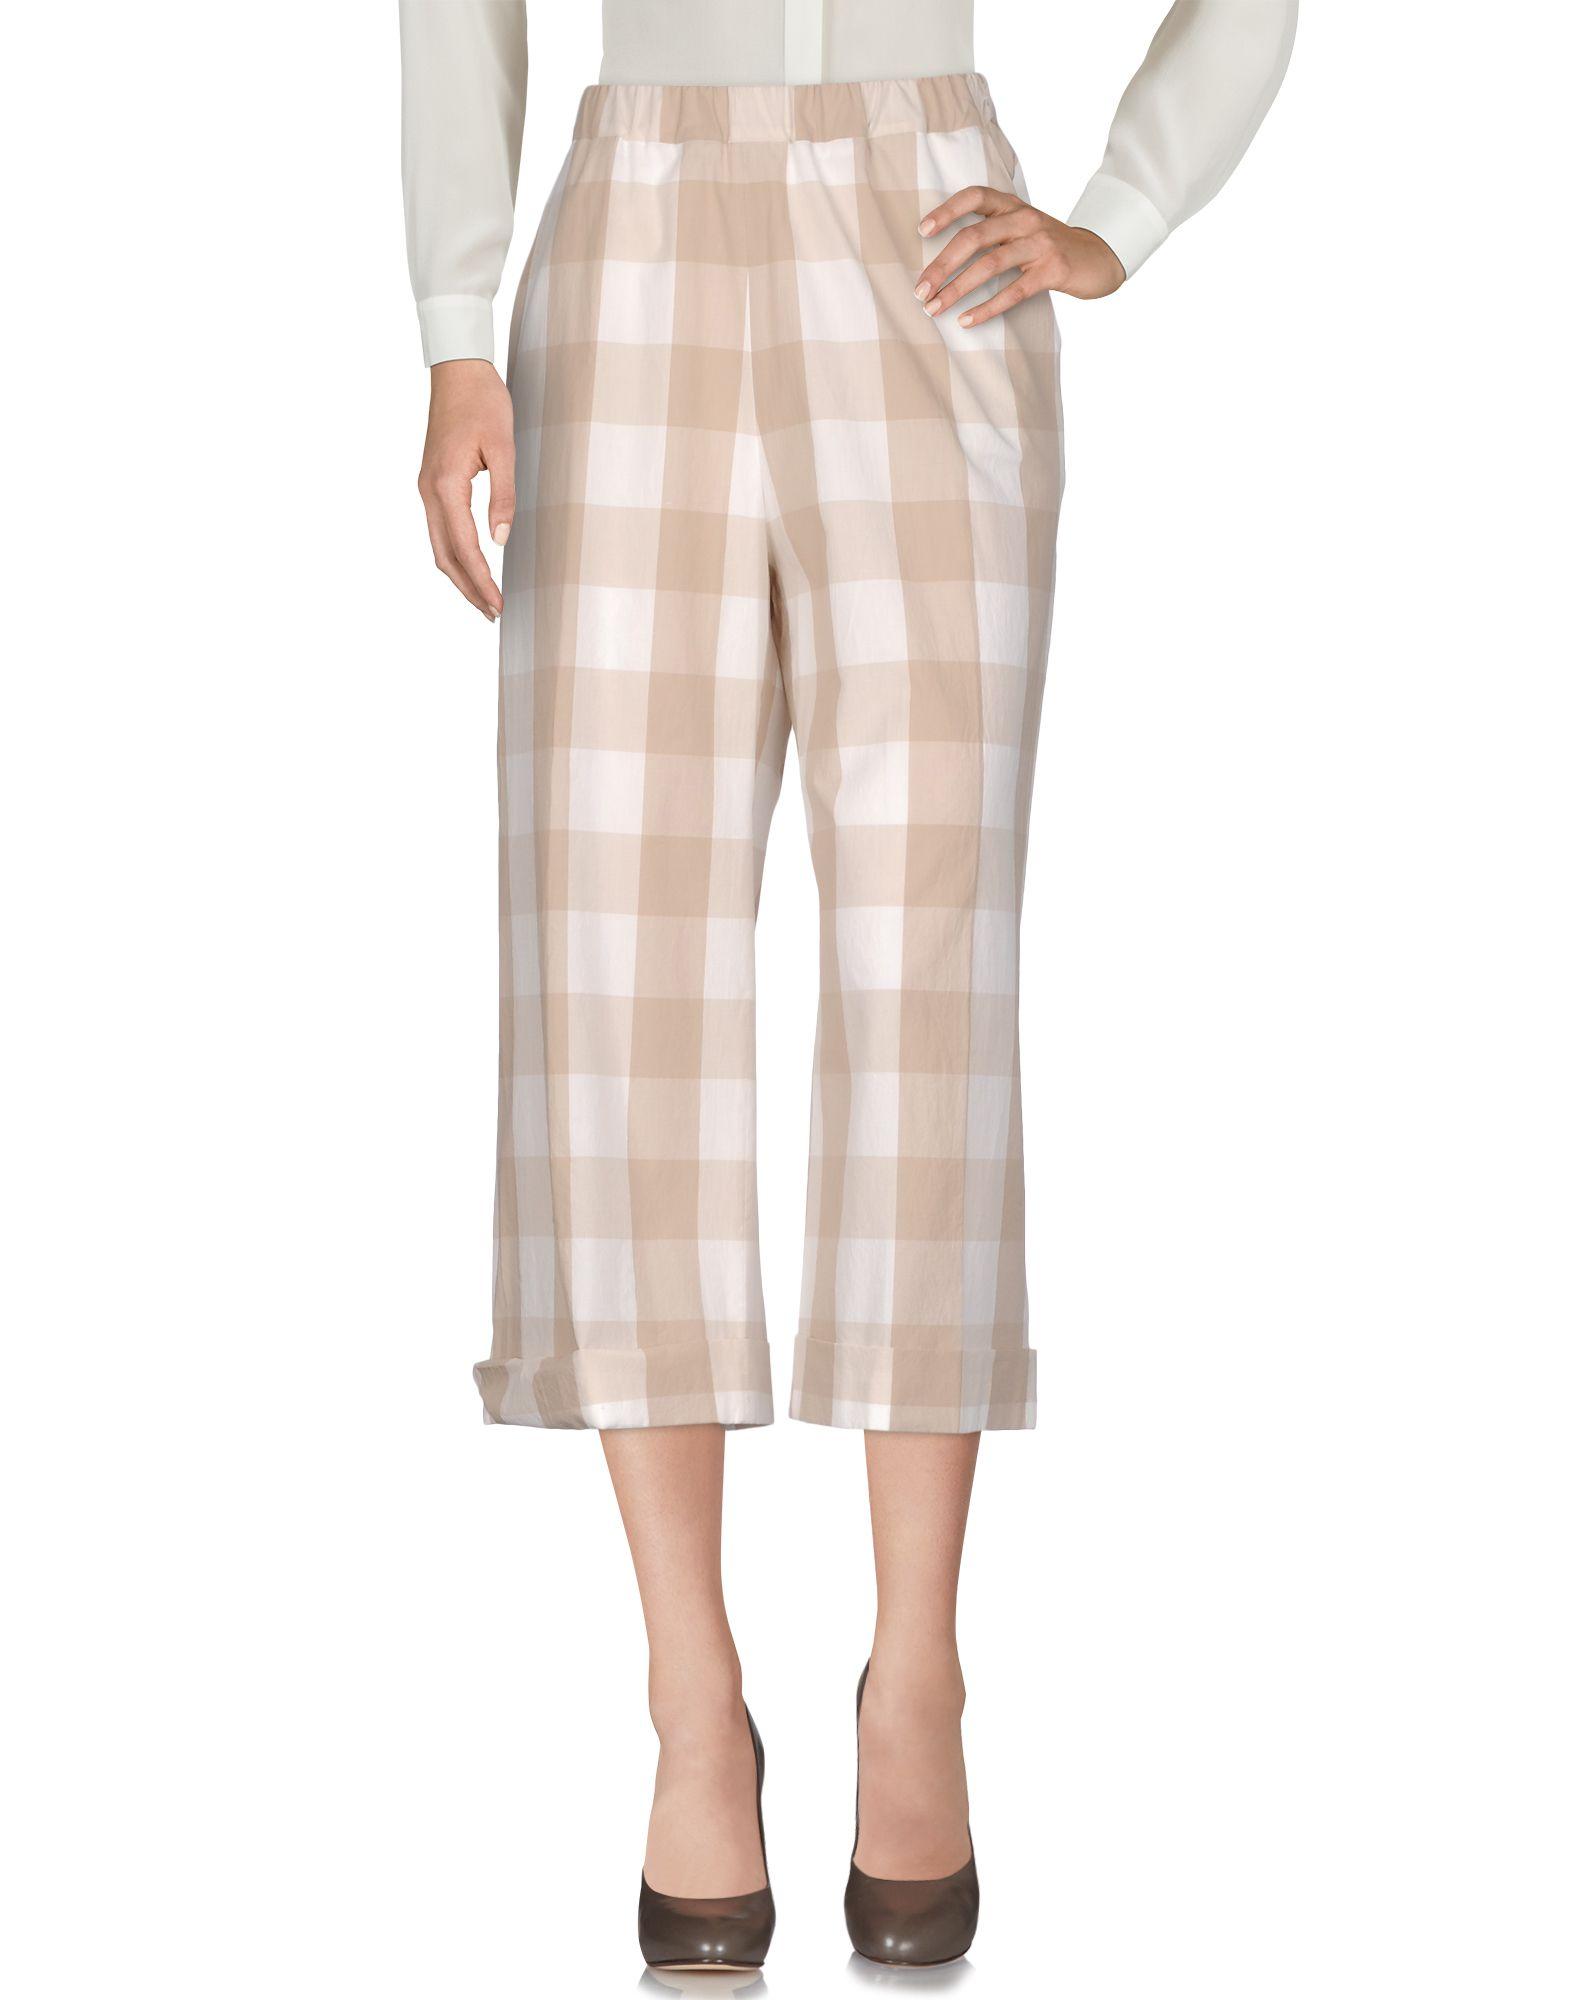 VIA MASINI 80 Повседневные брюки брюки широкие с принтом в клетку виши